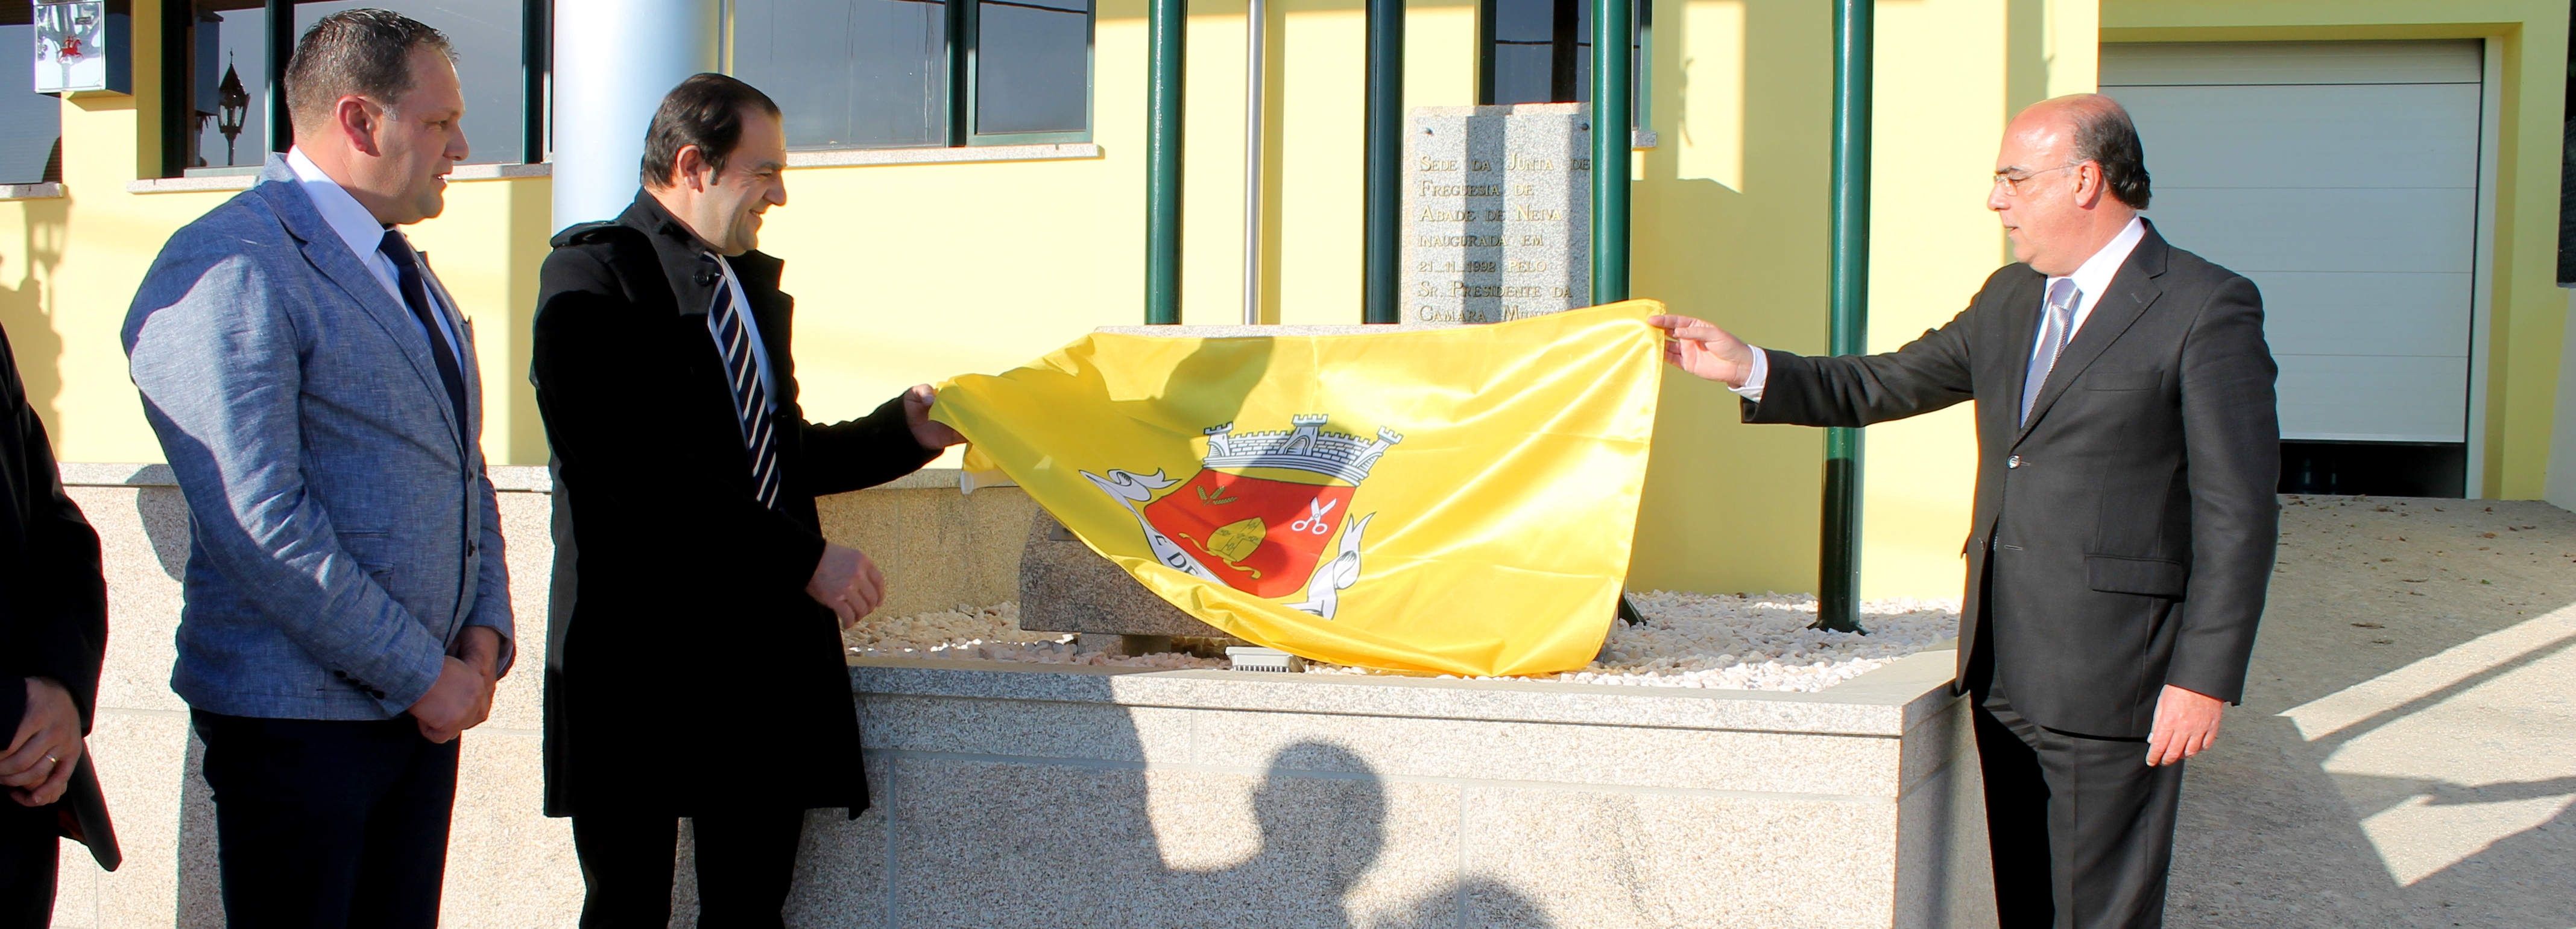 Abade de Neiva inaugurou ampliação da sede da Junta